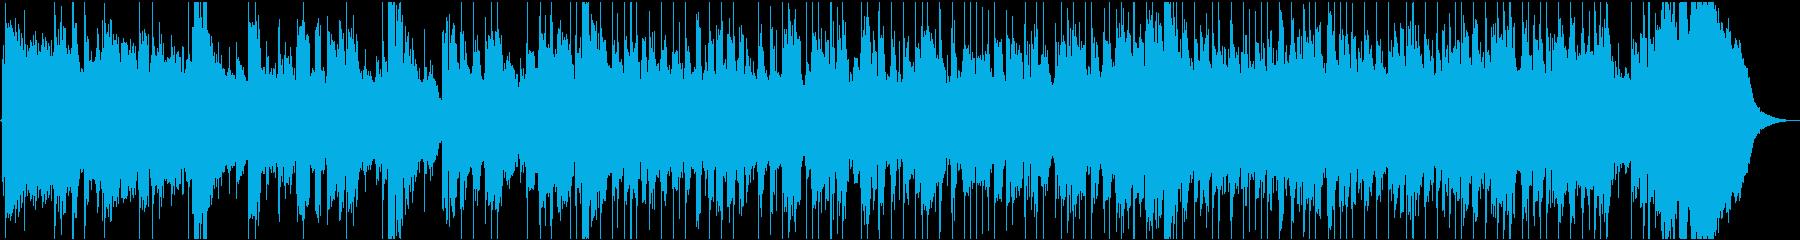 アコースティックギターのアルペジオ中心にの再生済みの波形